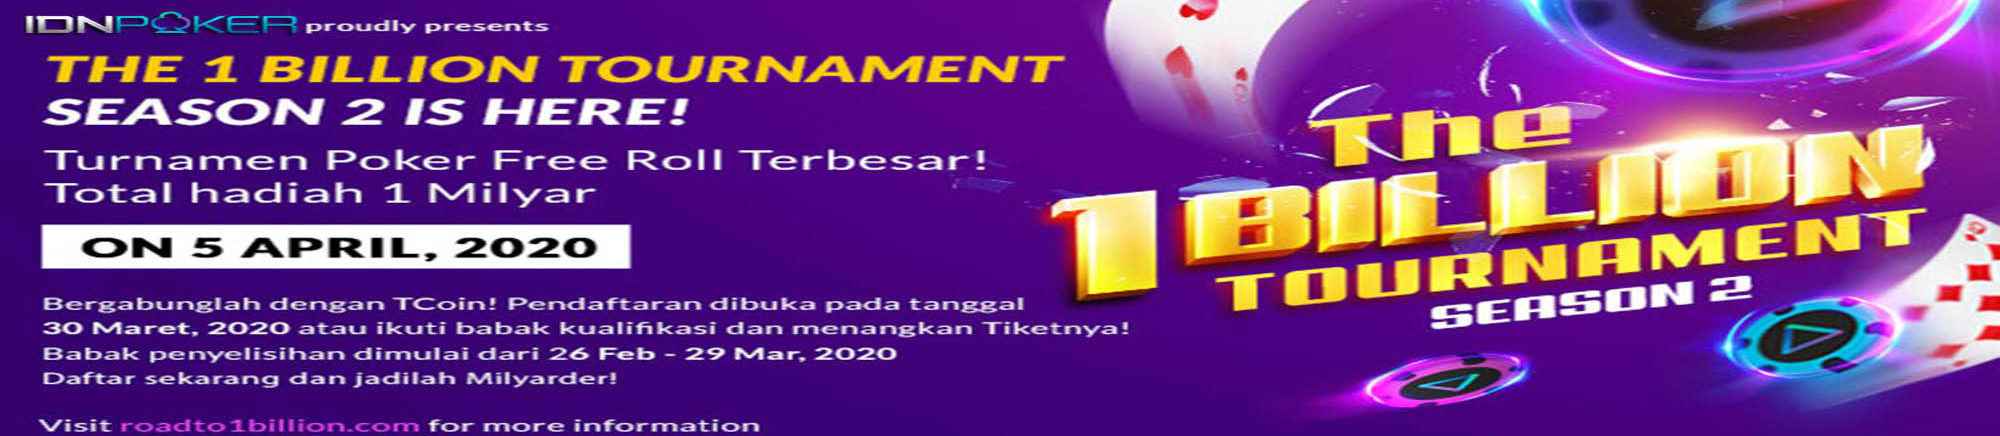 turnamen-poker